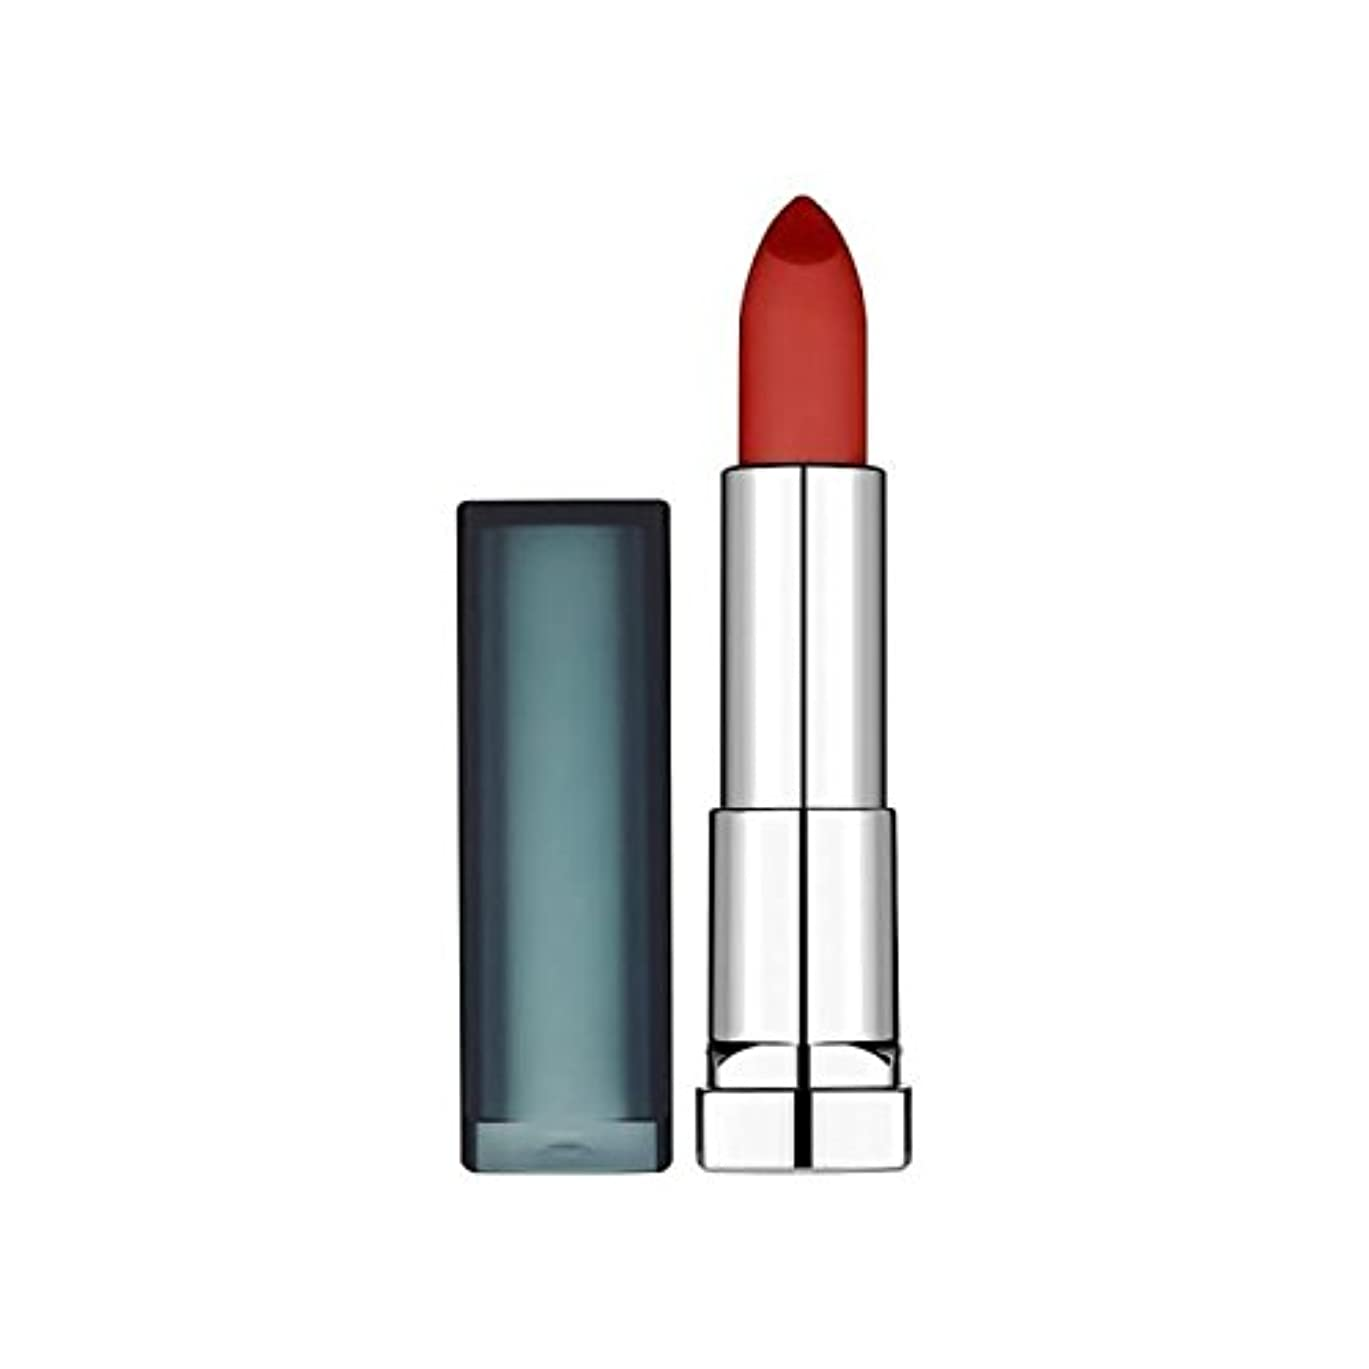 除去驚降臨Maybelline Sensational Lipstick Creamy Matte Burgundy Blush - メイベリンセンセーショナルな口紅クリーミーマットバーガンディ赤面 [並行輸入品]